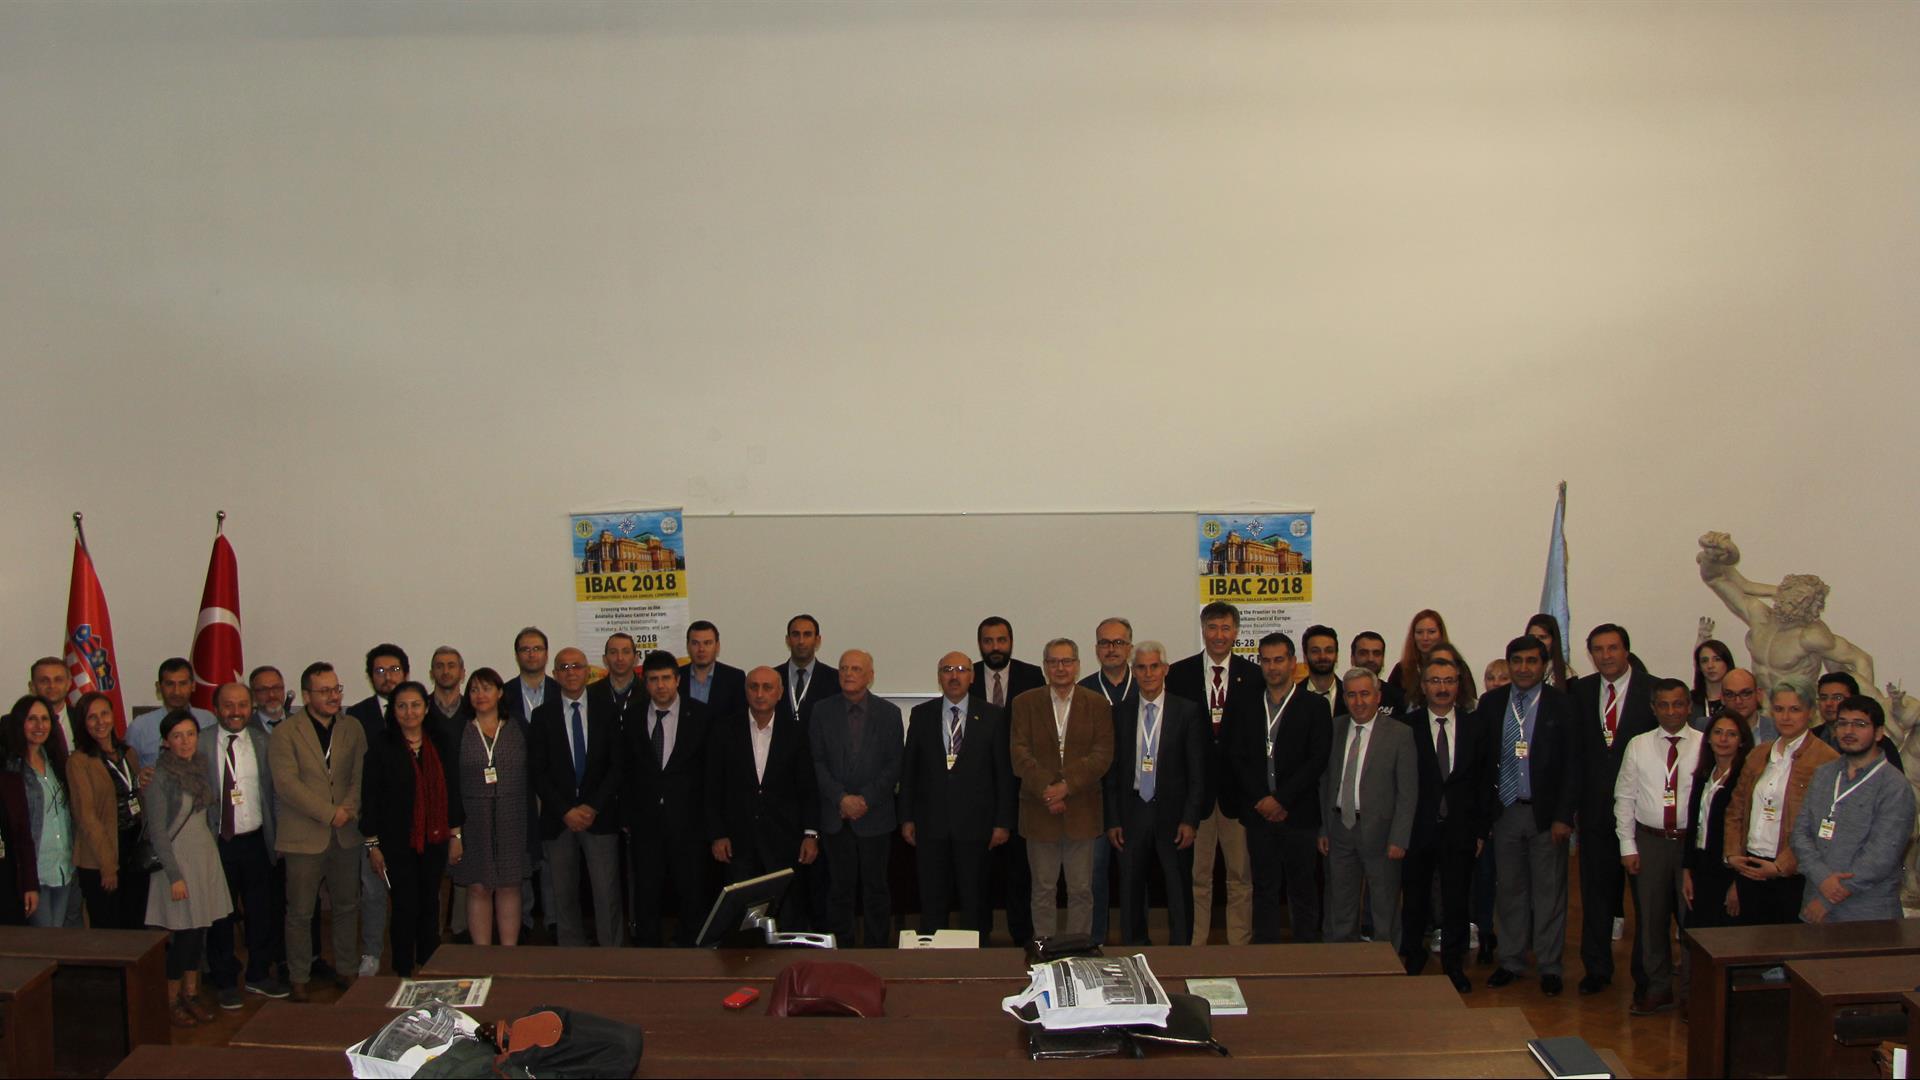 """IBAC-International-Annual-Balkan-Conference""""-Serisinin-8'inci-Toplantısı-Zagreb'de-Gerçekleştirildi"""